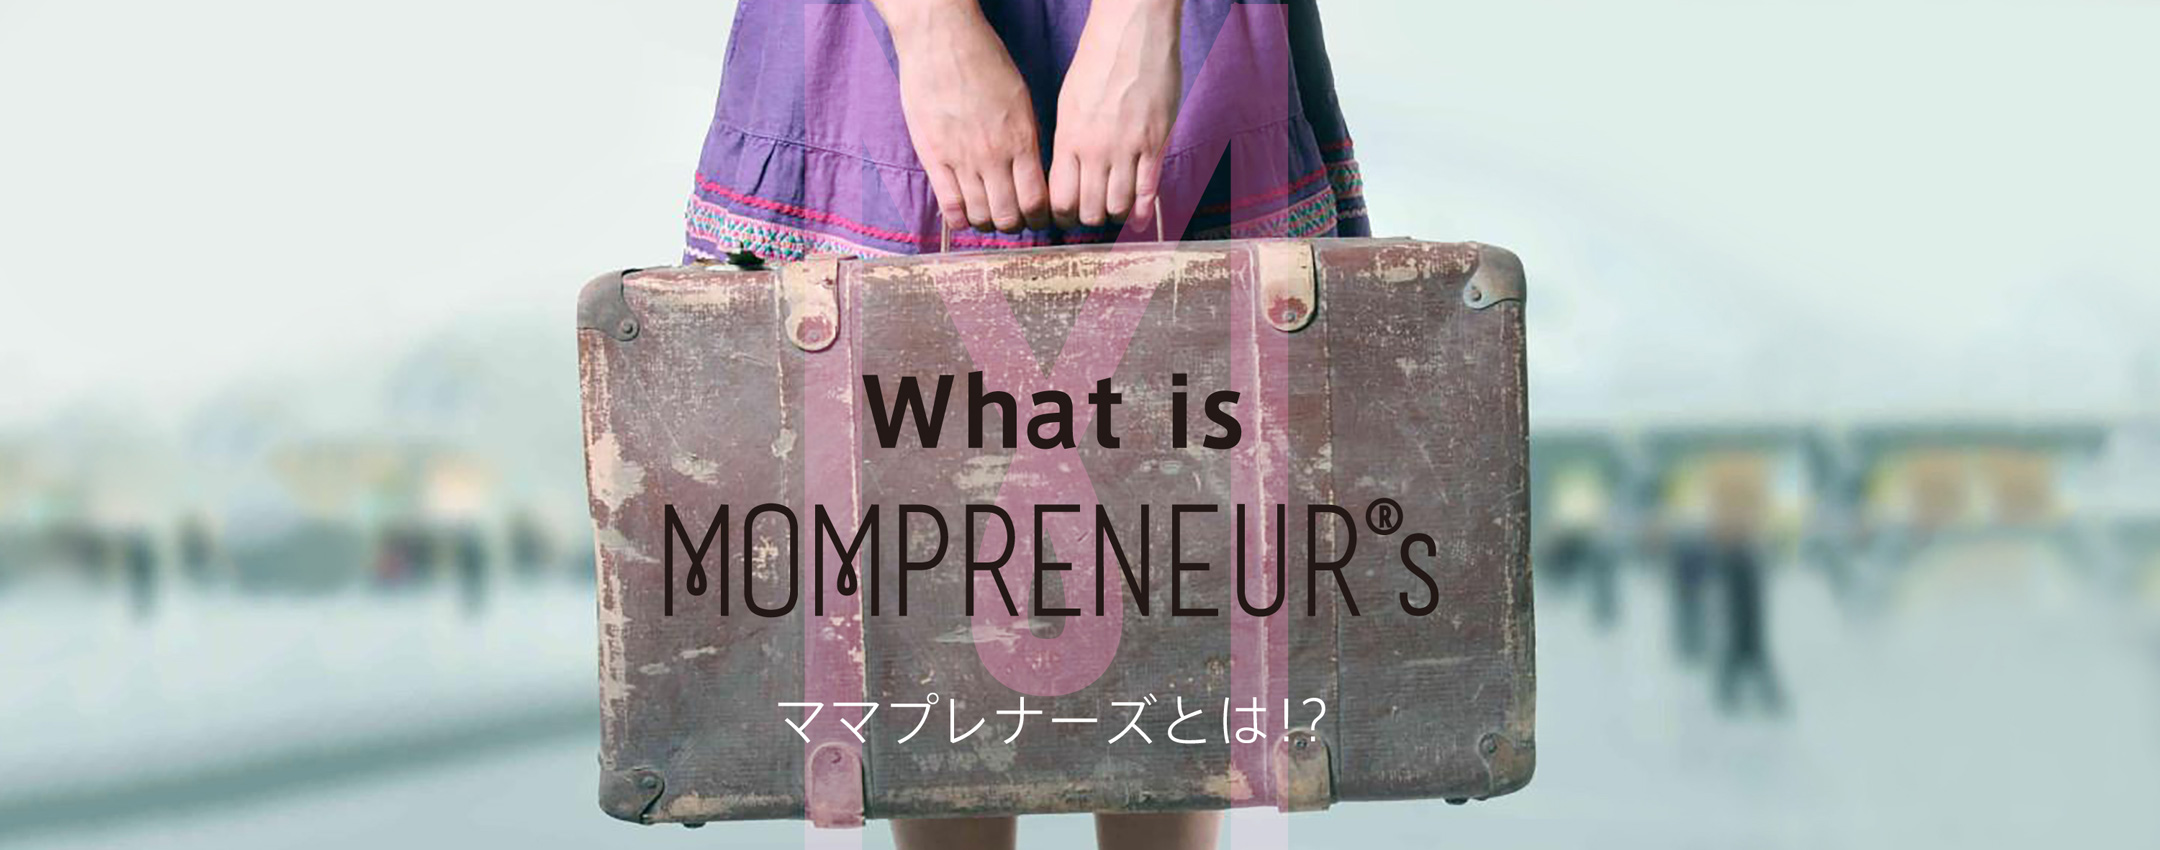 Q.  結婚前や産後など、いつ事業をはじめるのがベストでしょうか?